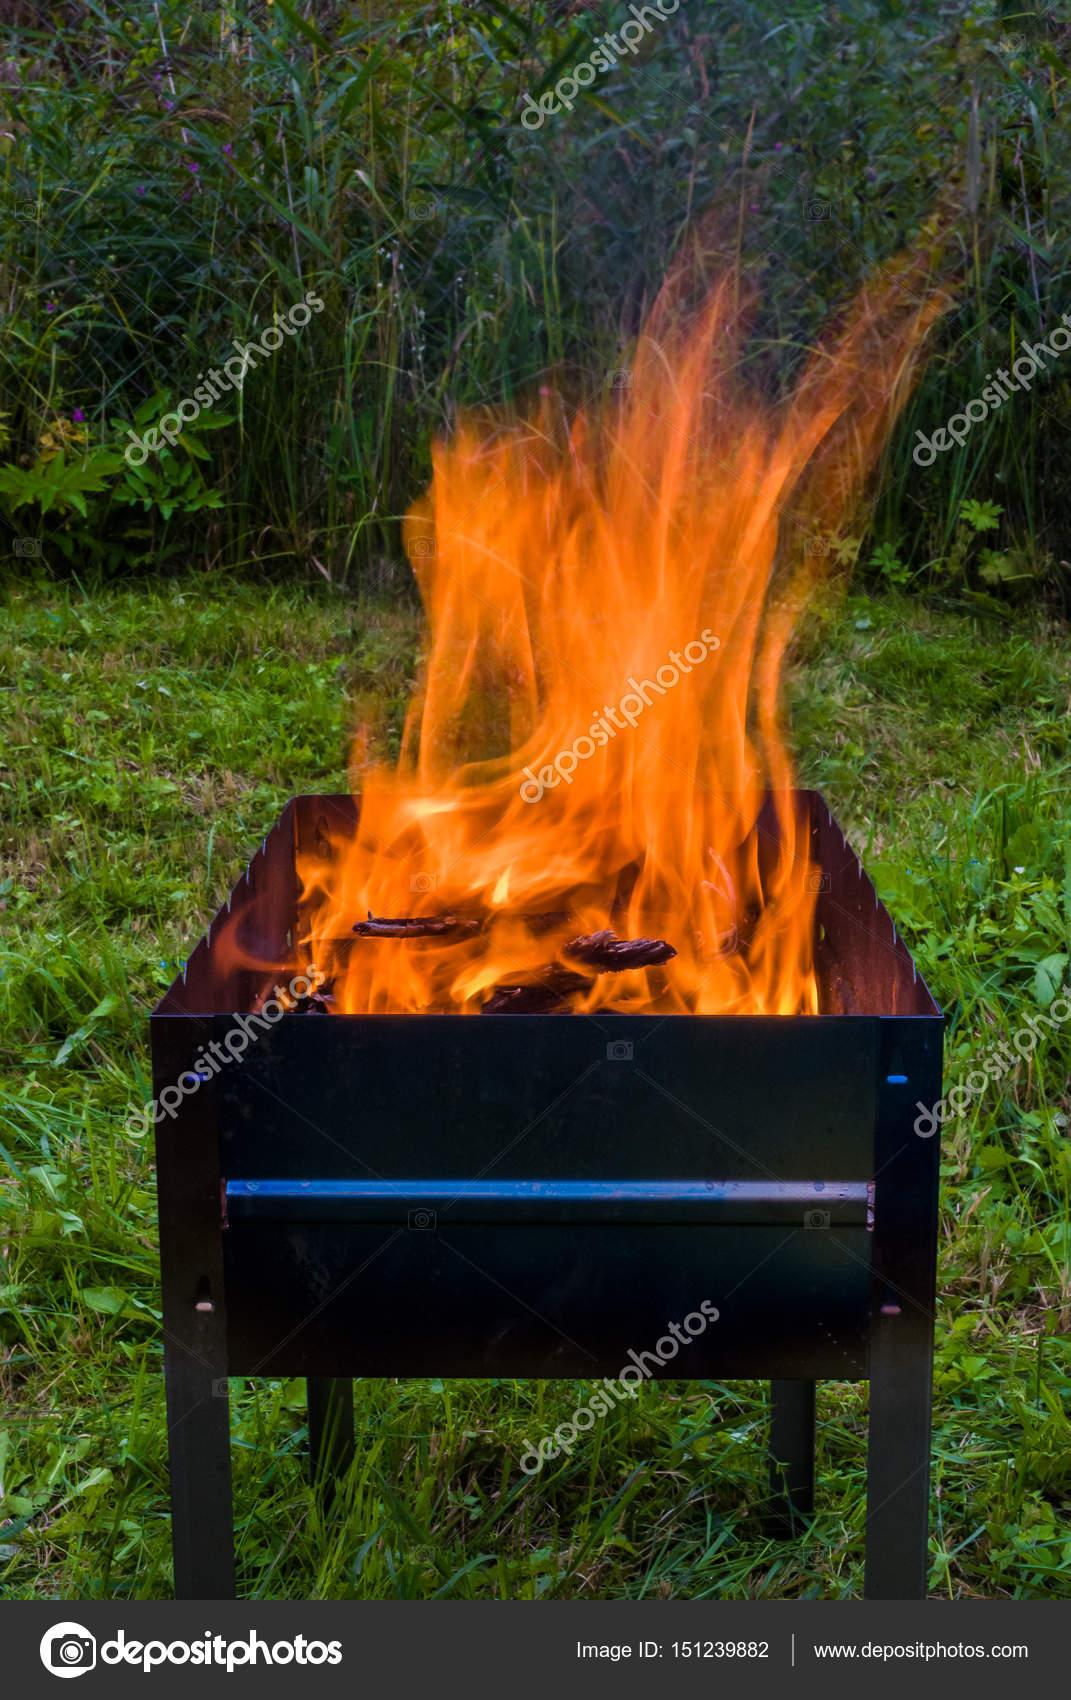 Feuer In Der Feuerschale Stockfoto Alexbr 151239882